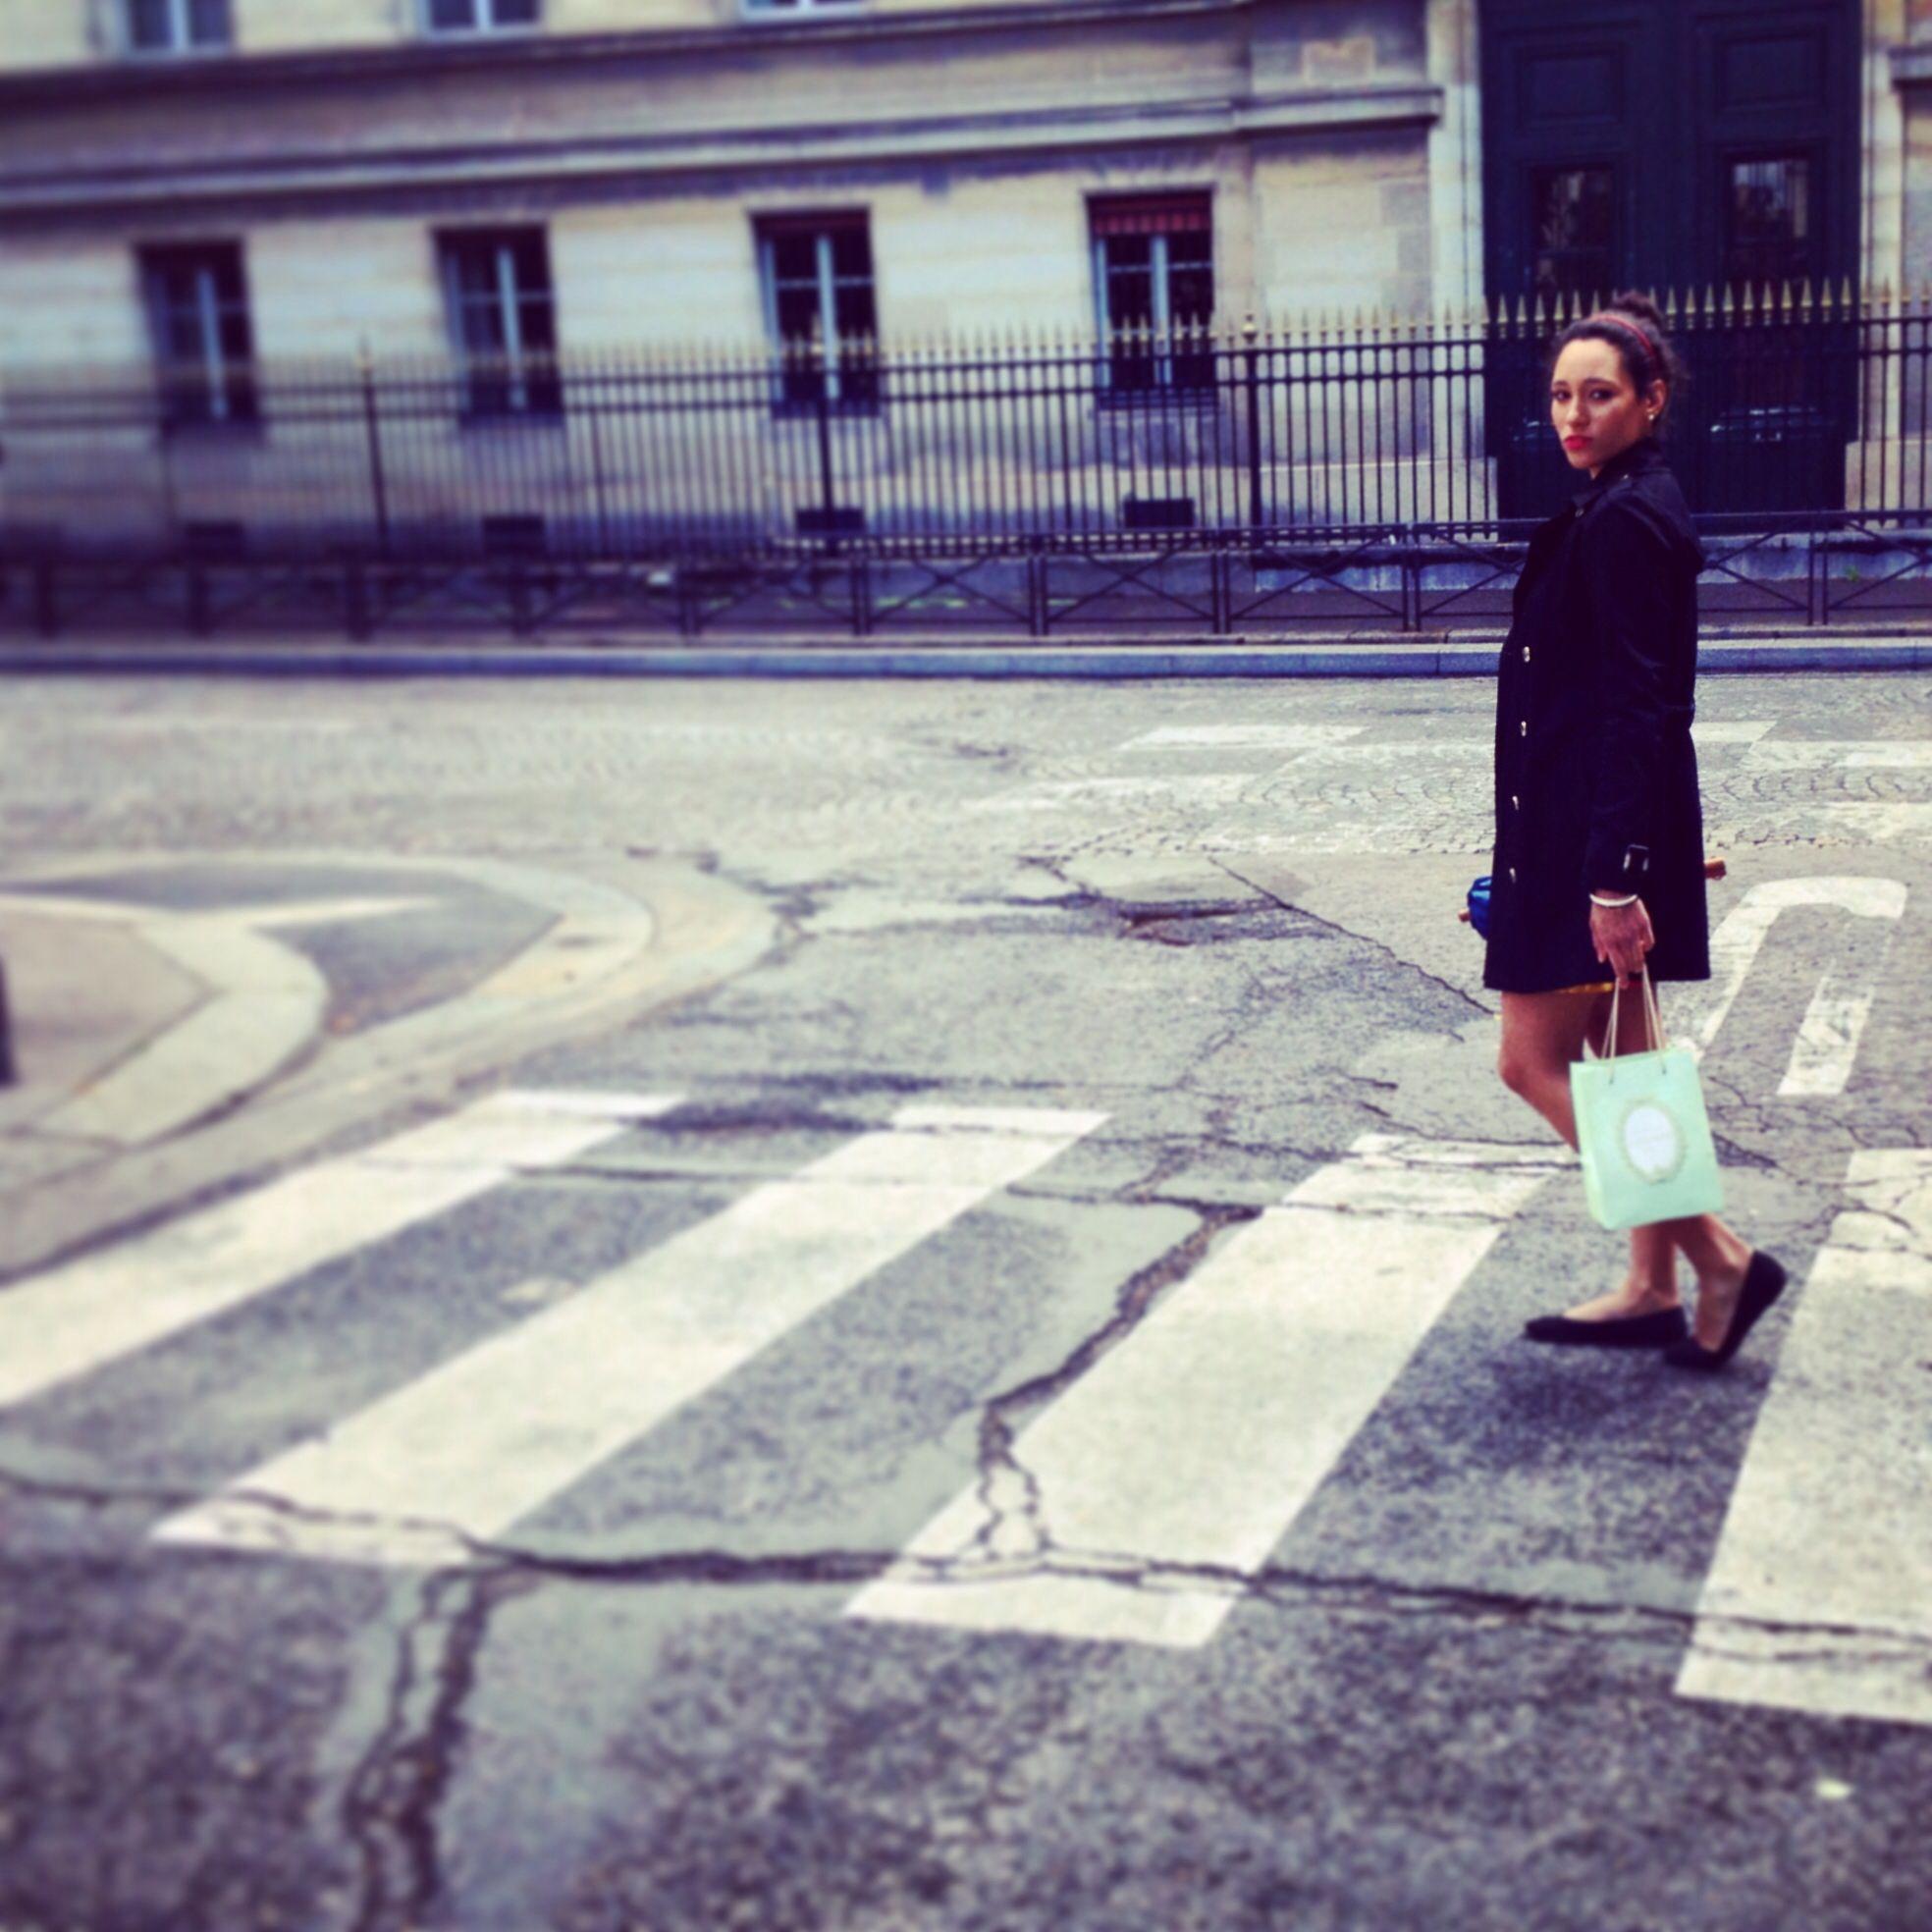 Leaving Laudree in Paris